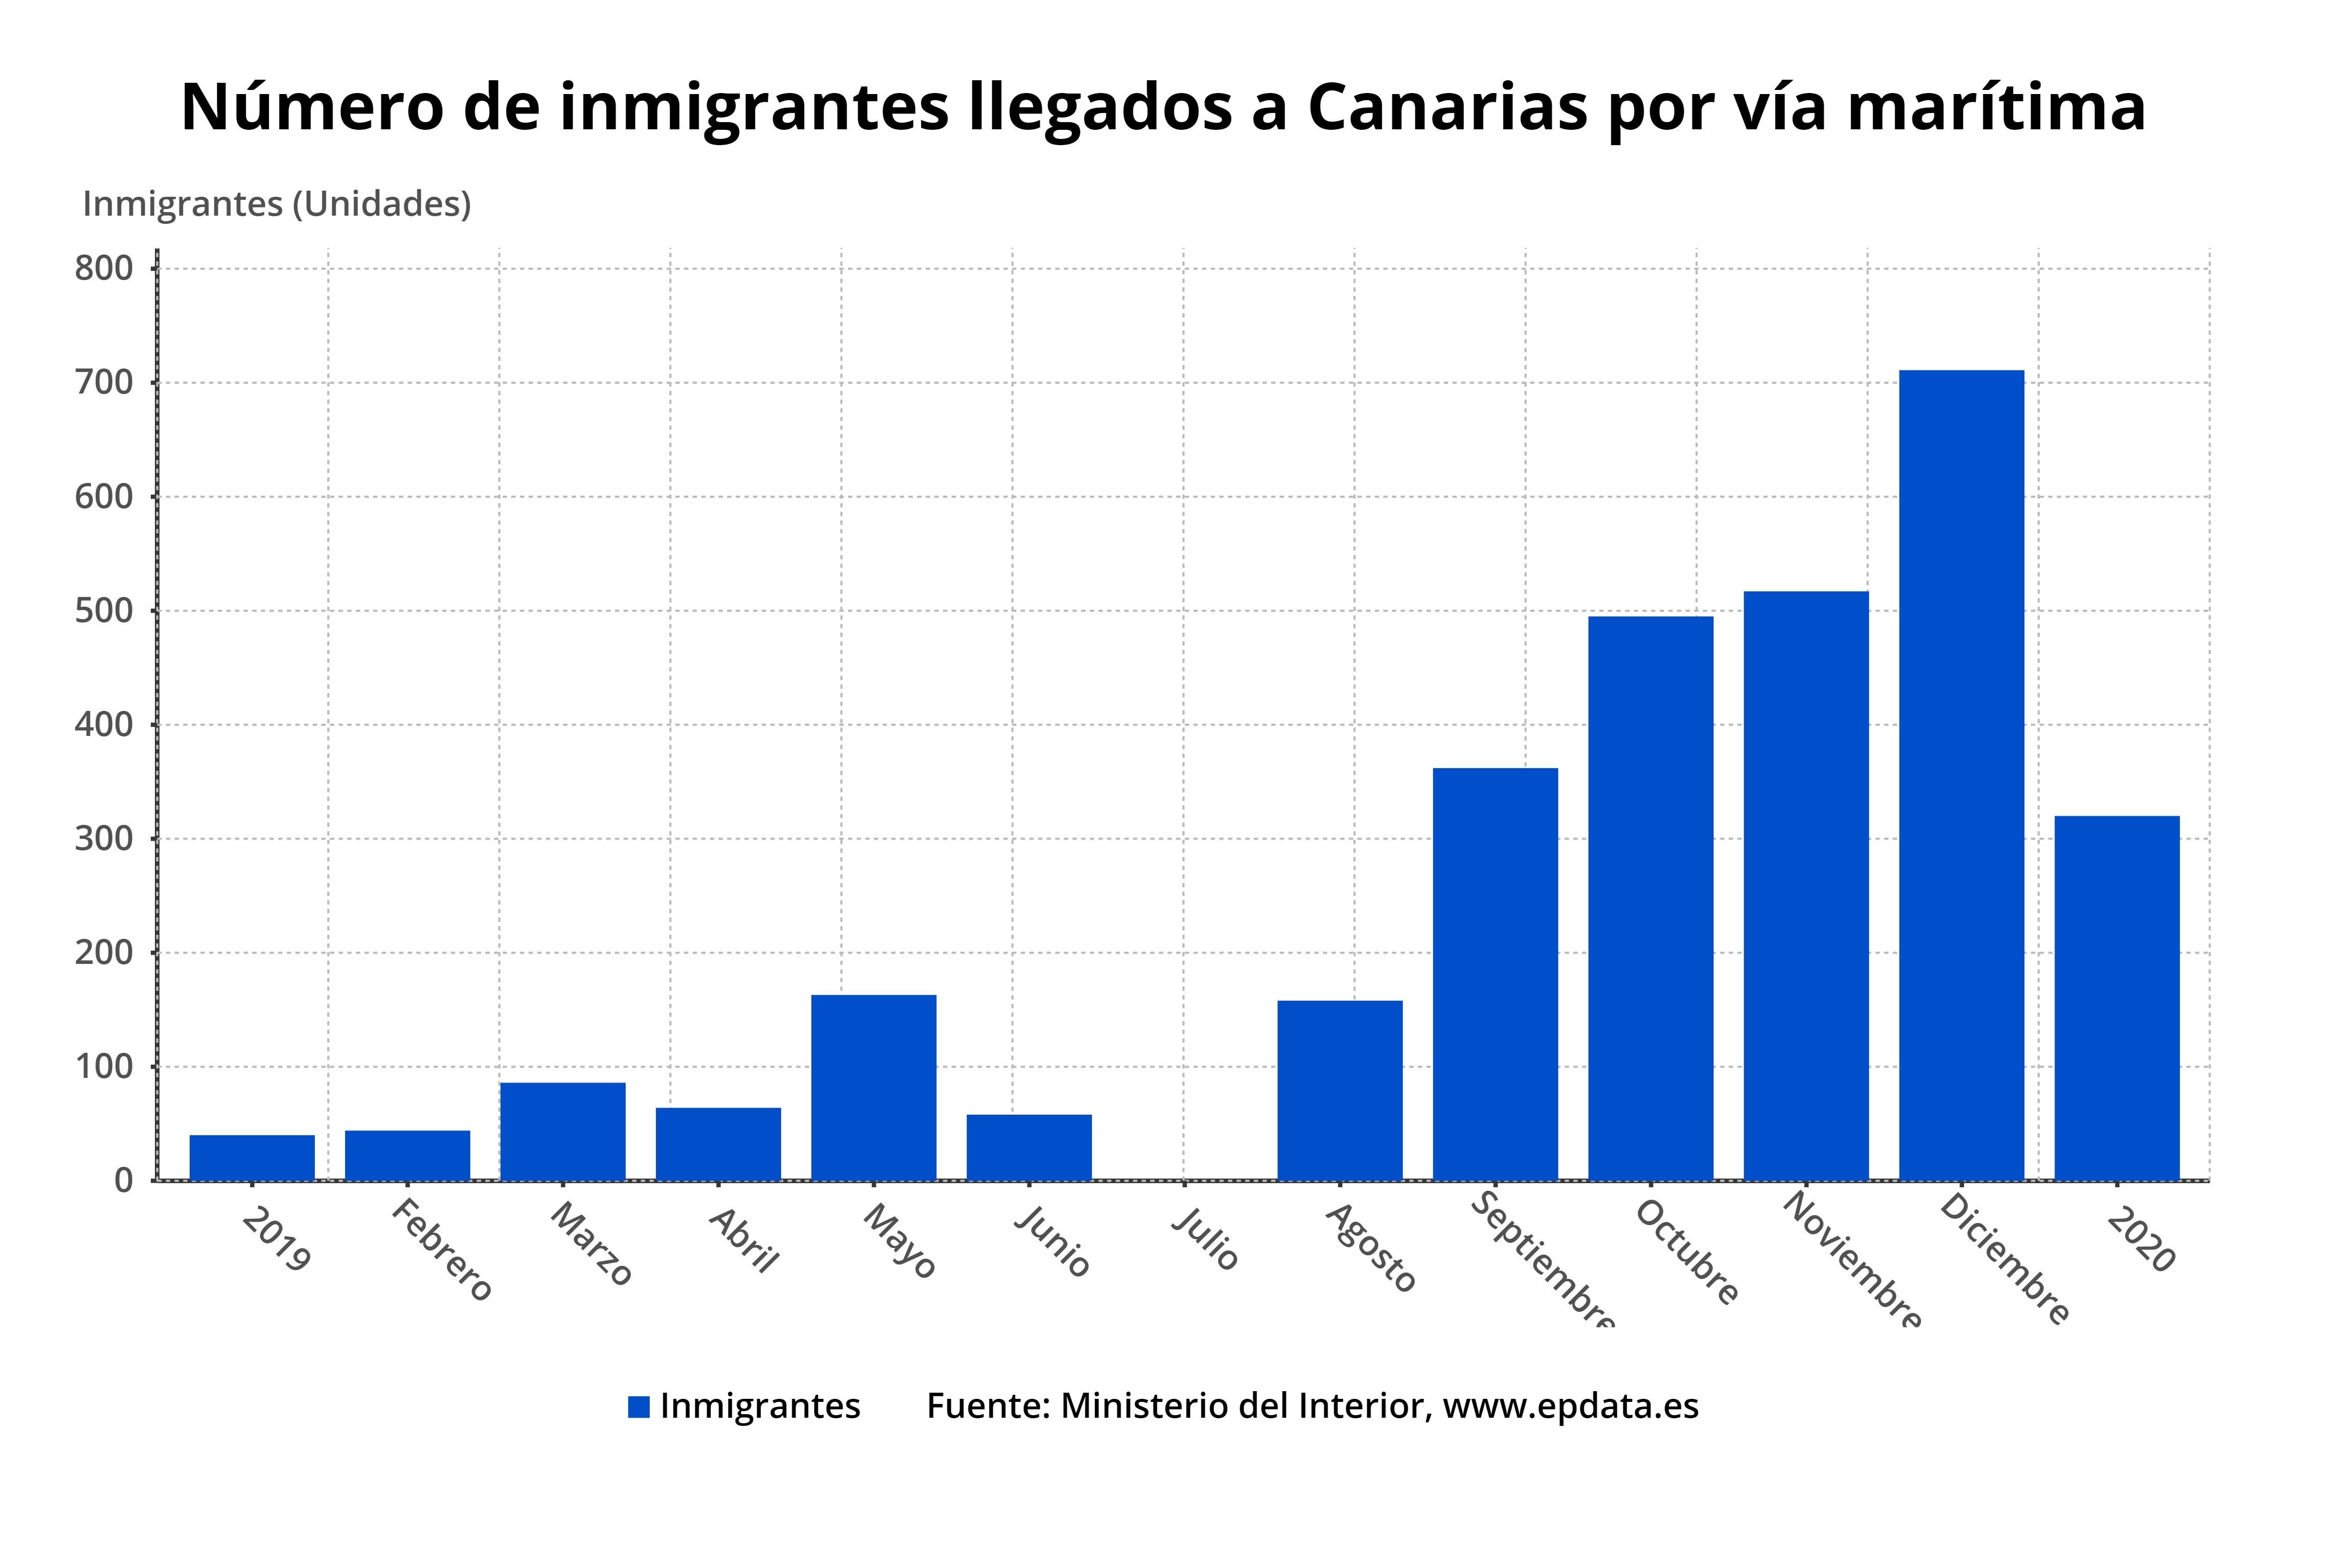 Número de inmigrantes llegados a Canarias por vía marítima